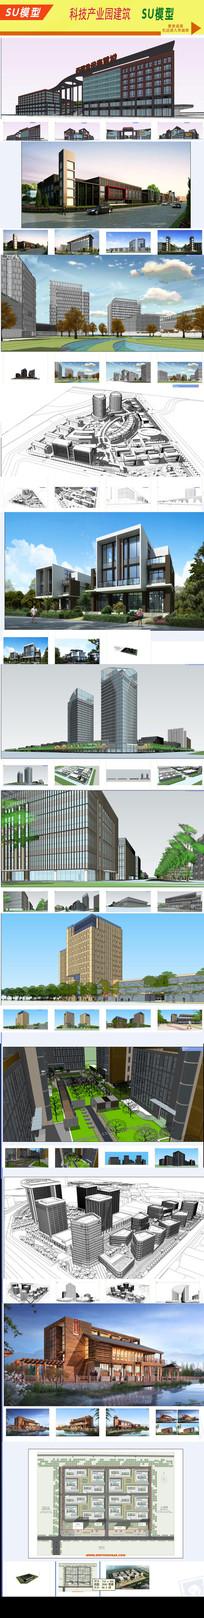 SU科技产业园建筑